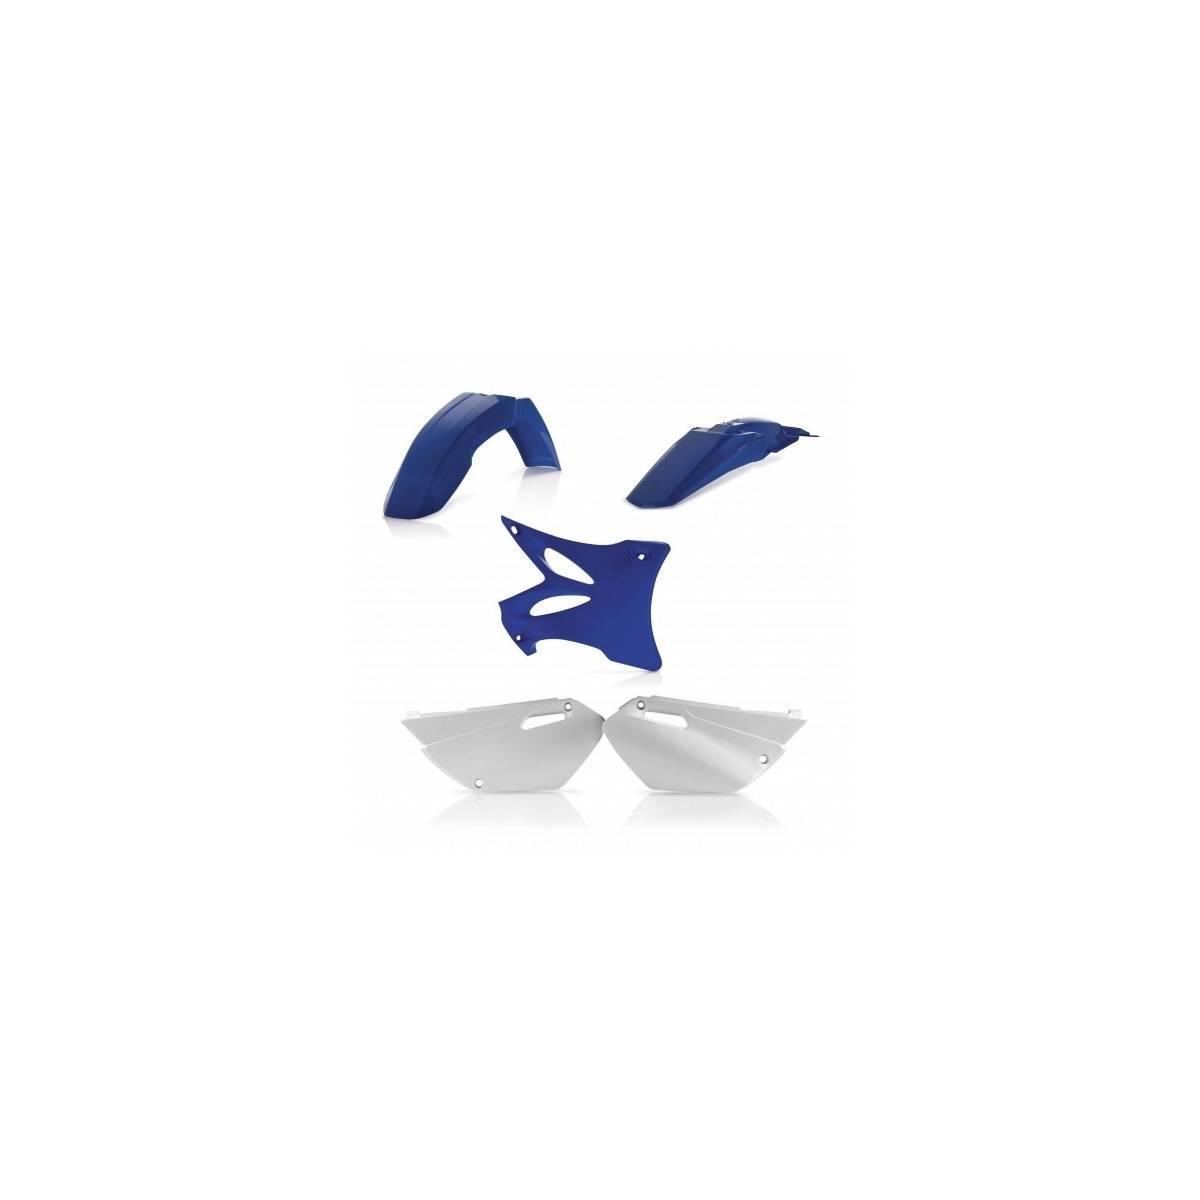 0007513-553 - Kit Plasticos Yz 125 Yz 250 Wr 125 Wr 250 02 05 Origen